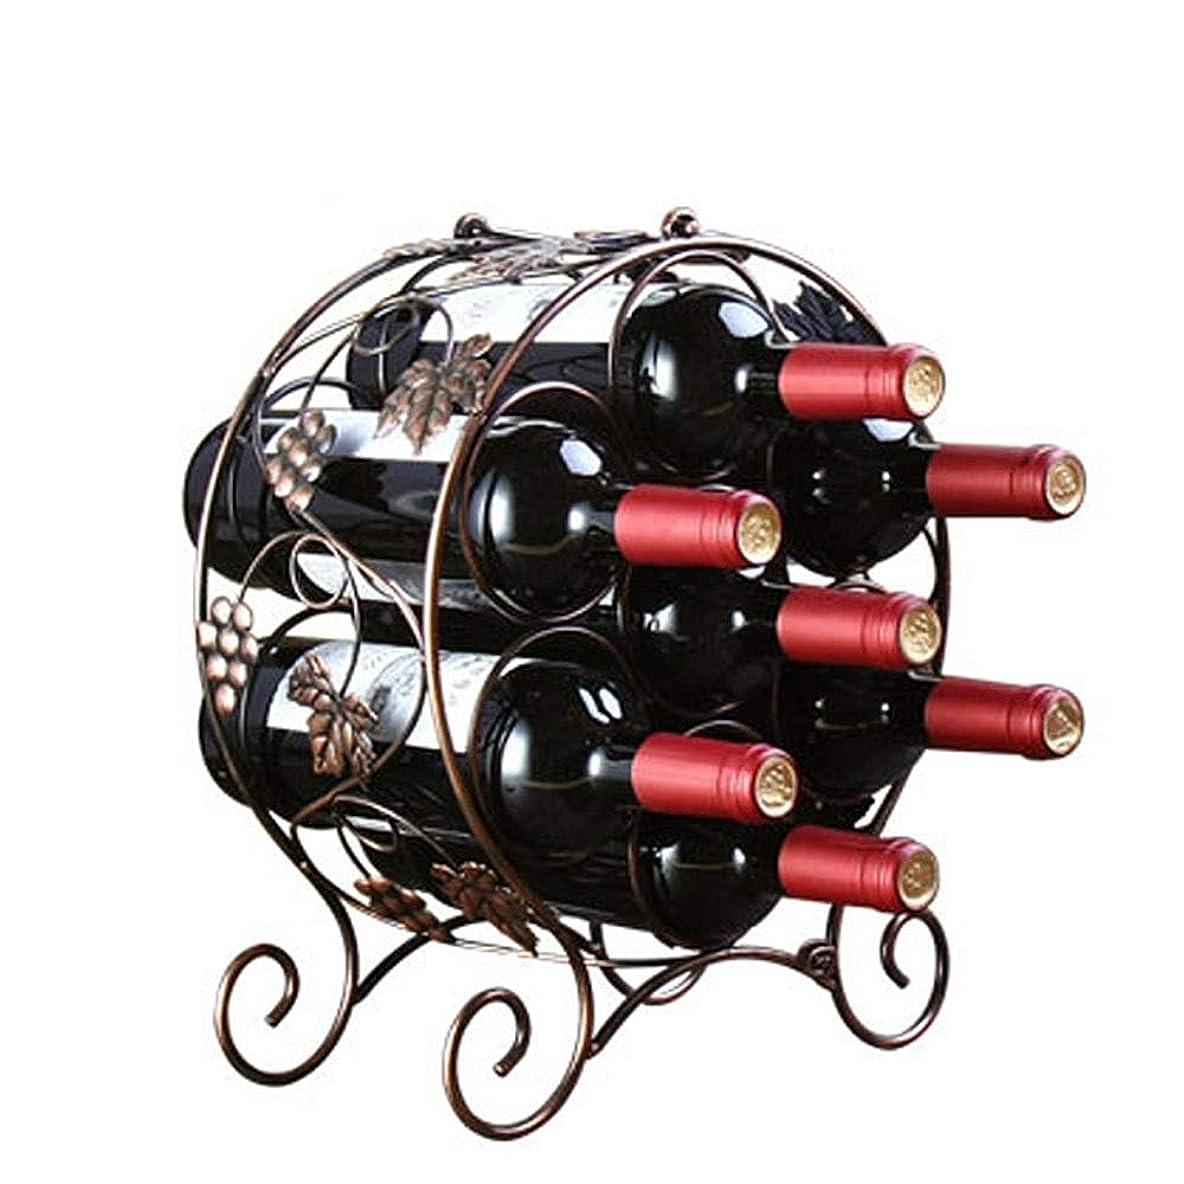 うめき声条約添加CHUNSHENN ワイン収納 シャンパンホルダー ワインラックラウンドデザイン卓上ワインボトルは7本のワインボトルバロックヴィンテージデザインの銅色の自立メタルワインストレージラックホルダースタンド 置物 実用的 工芸品